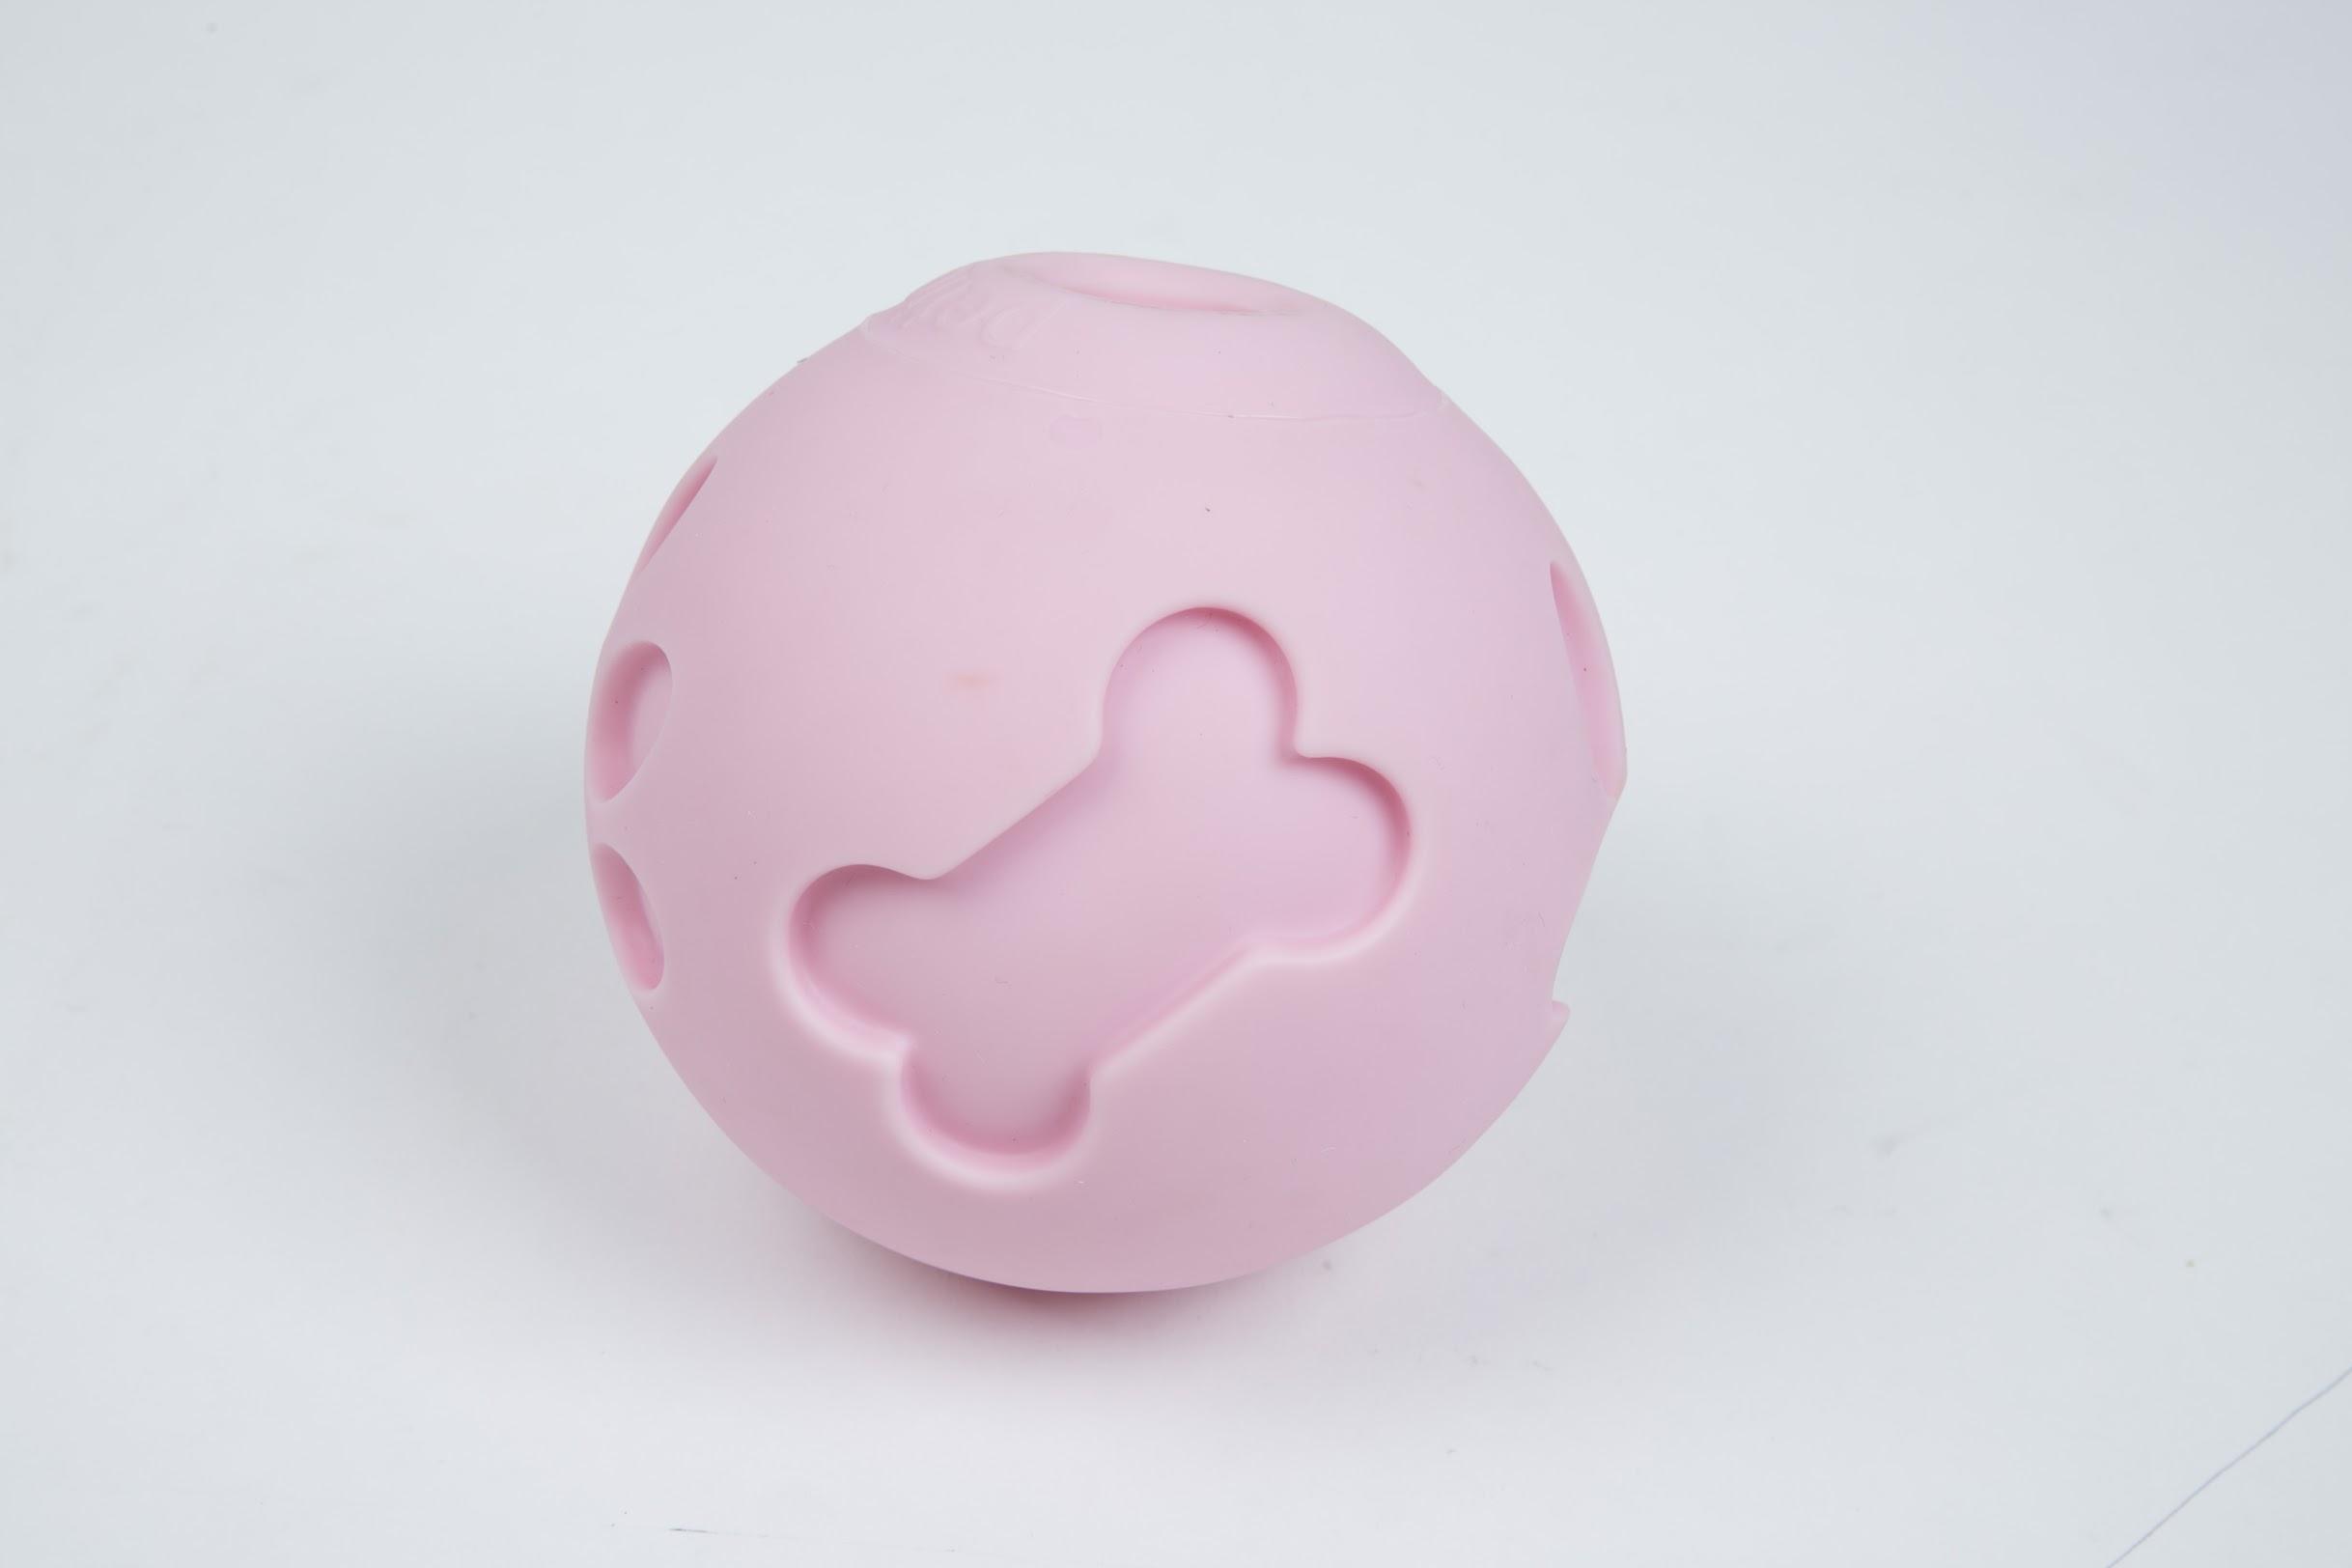 Petique 寵物零食球 | 寵物玩具、漏食球 3